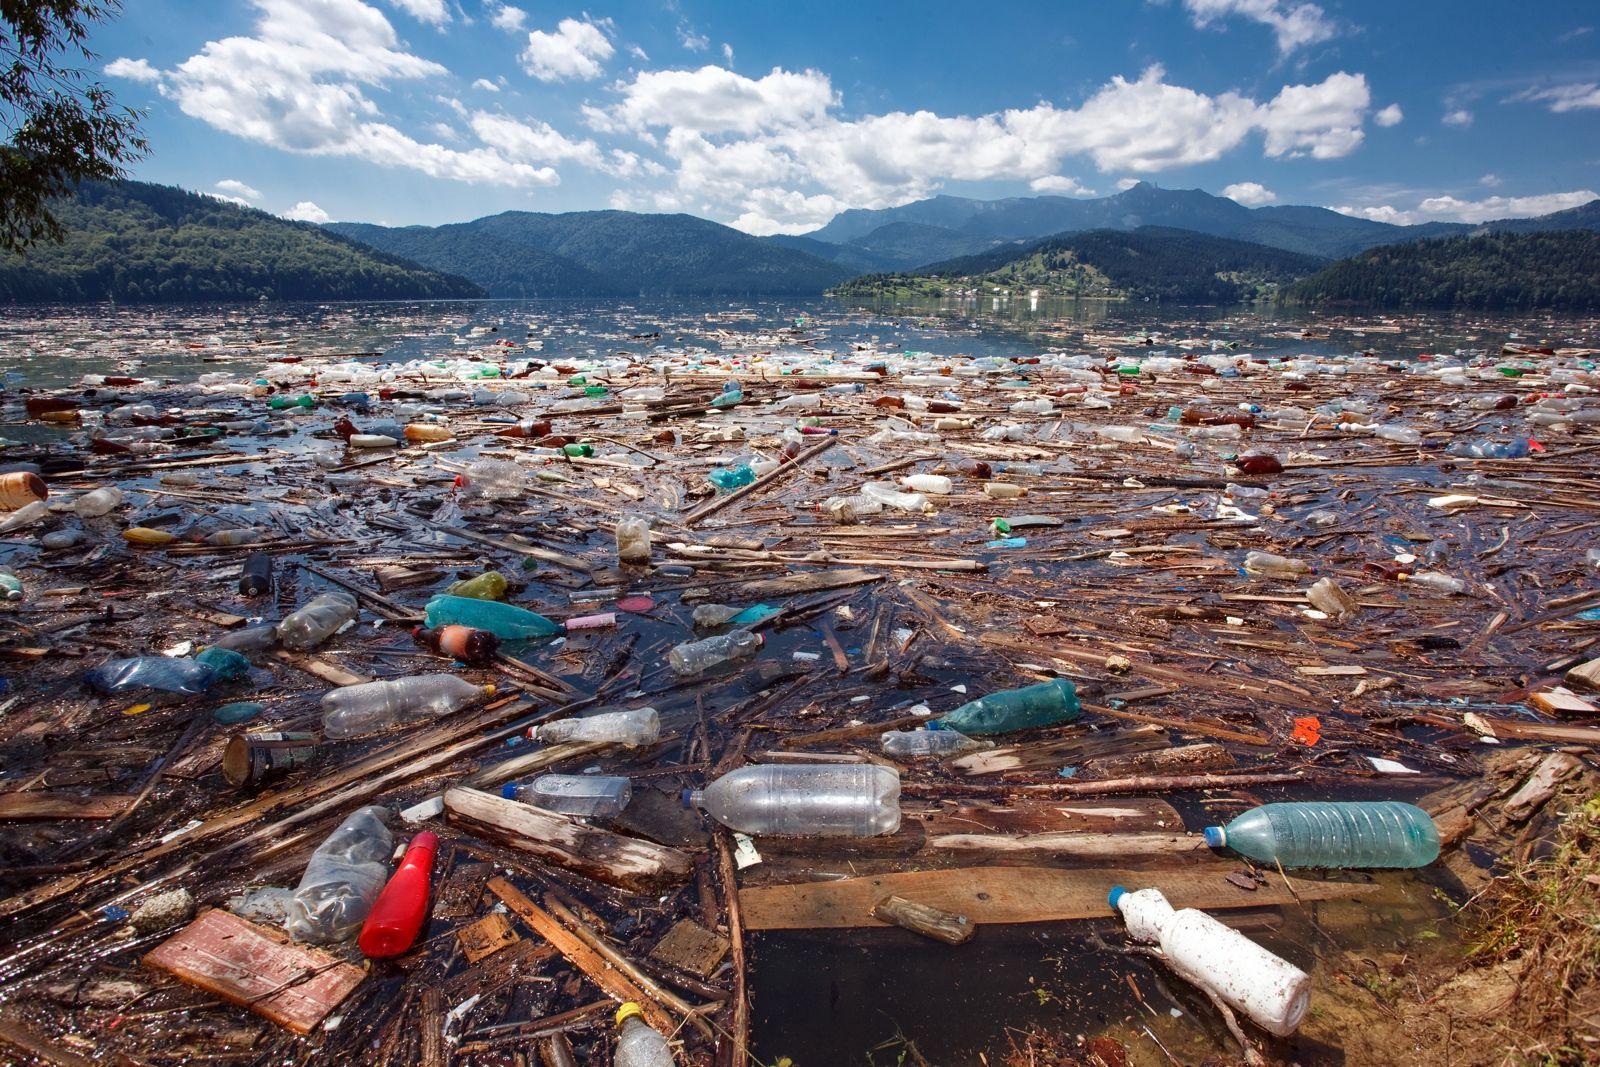 Einzigartig Plastikteppich Sammlung Von Shutterstock_17375236. Plastik